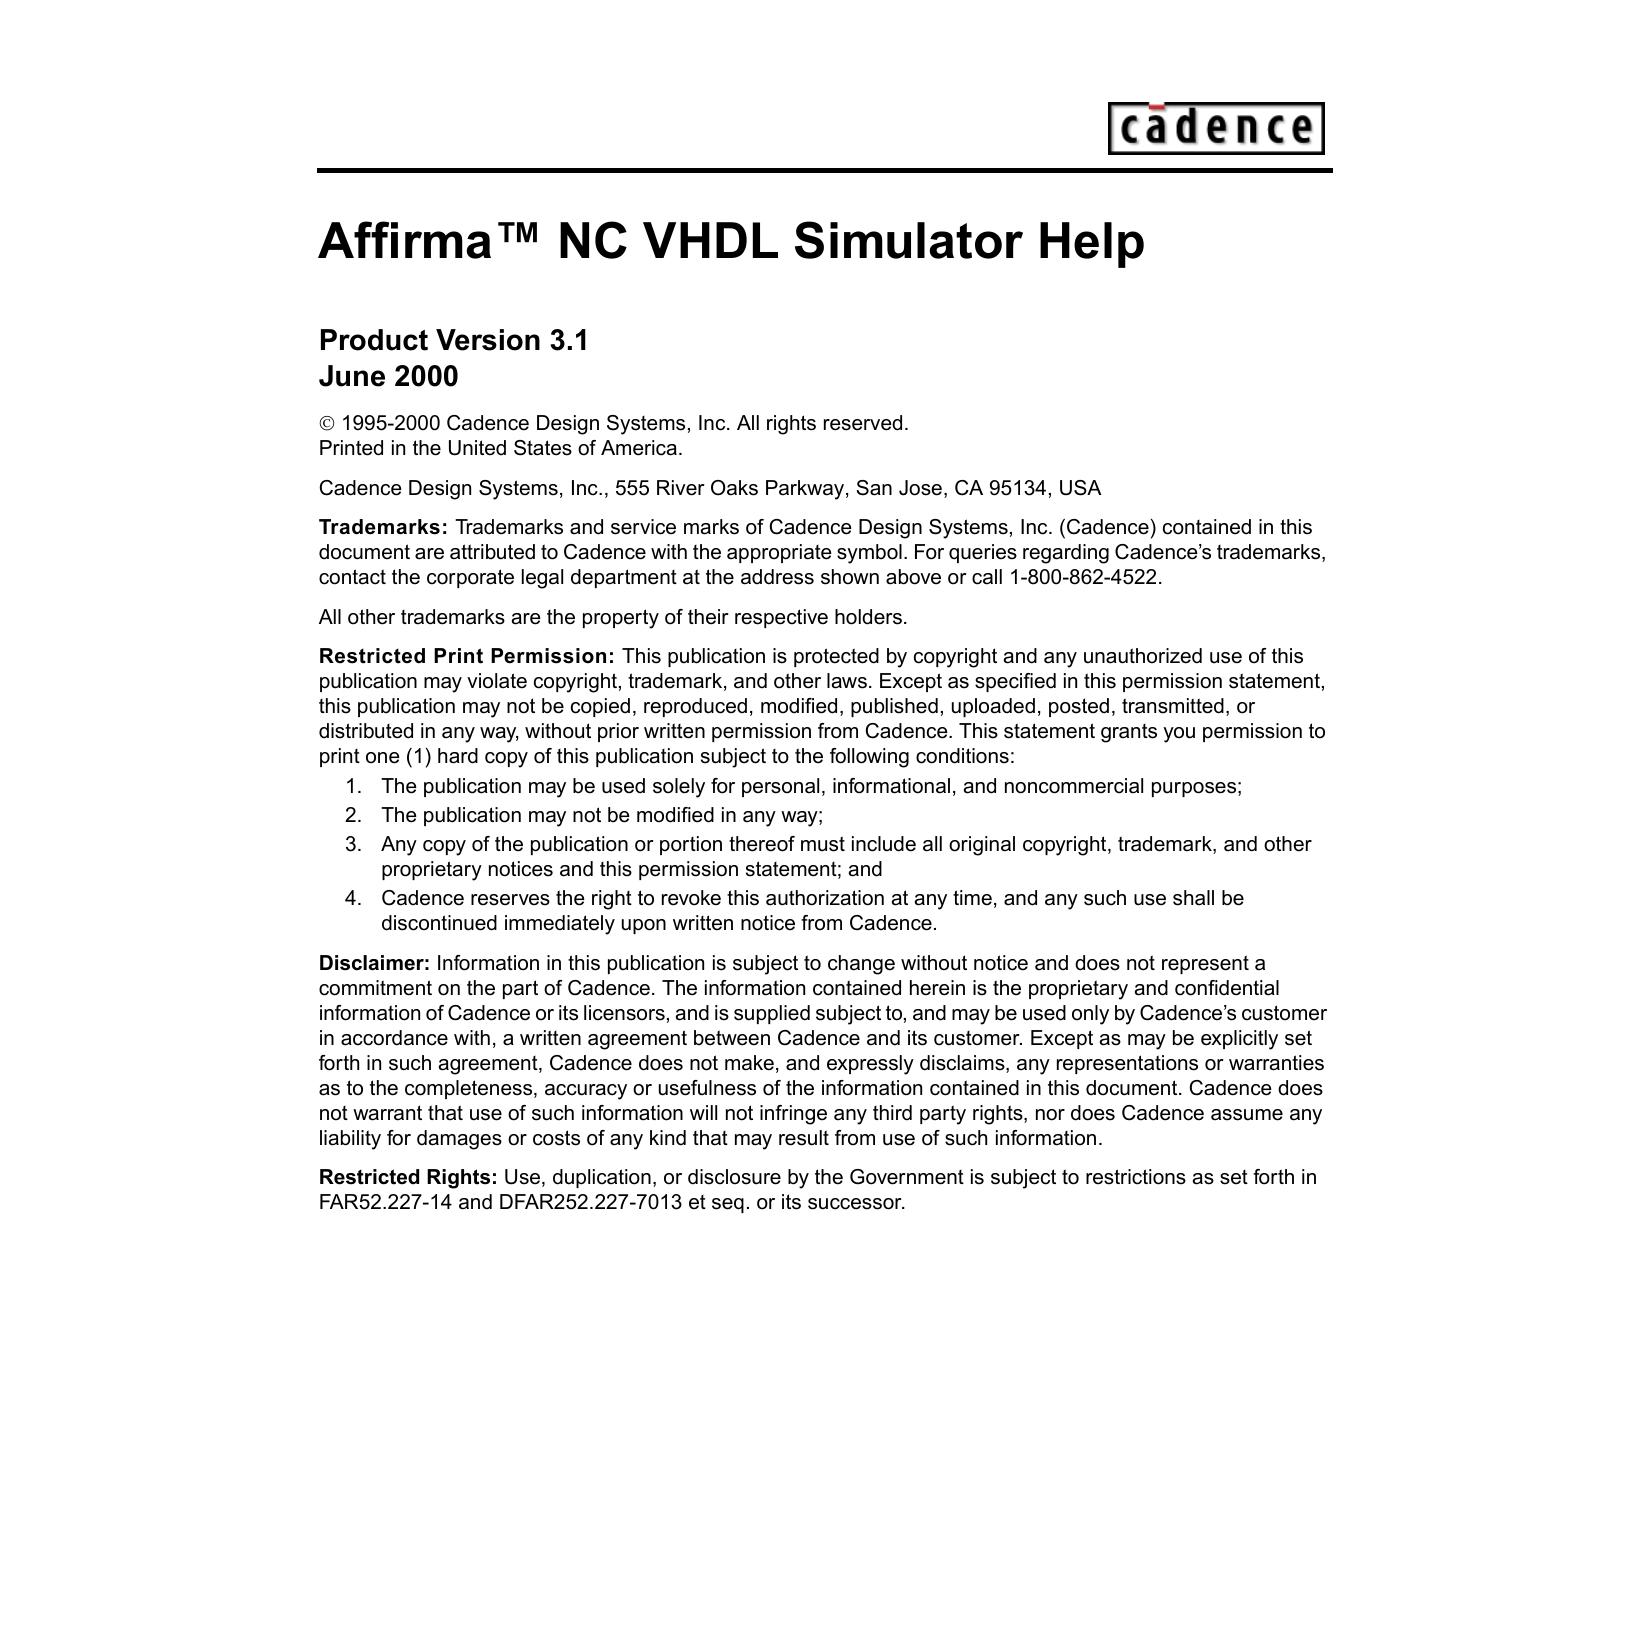 Affirma NC VHDL Simulator Help | manualzz com